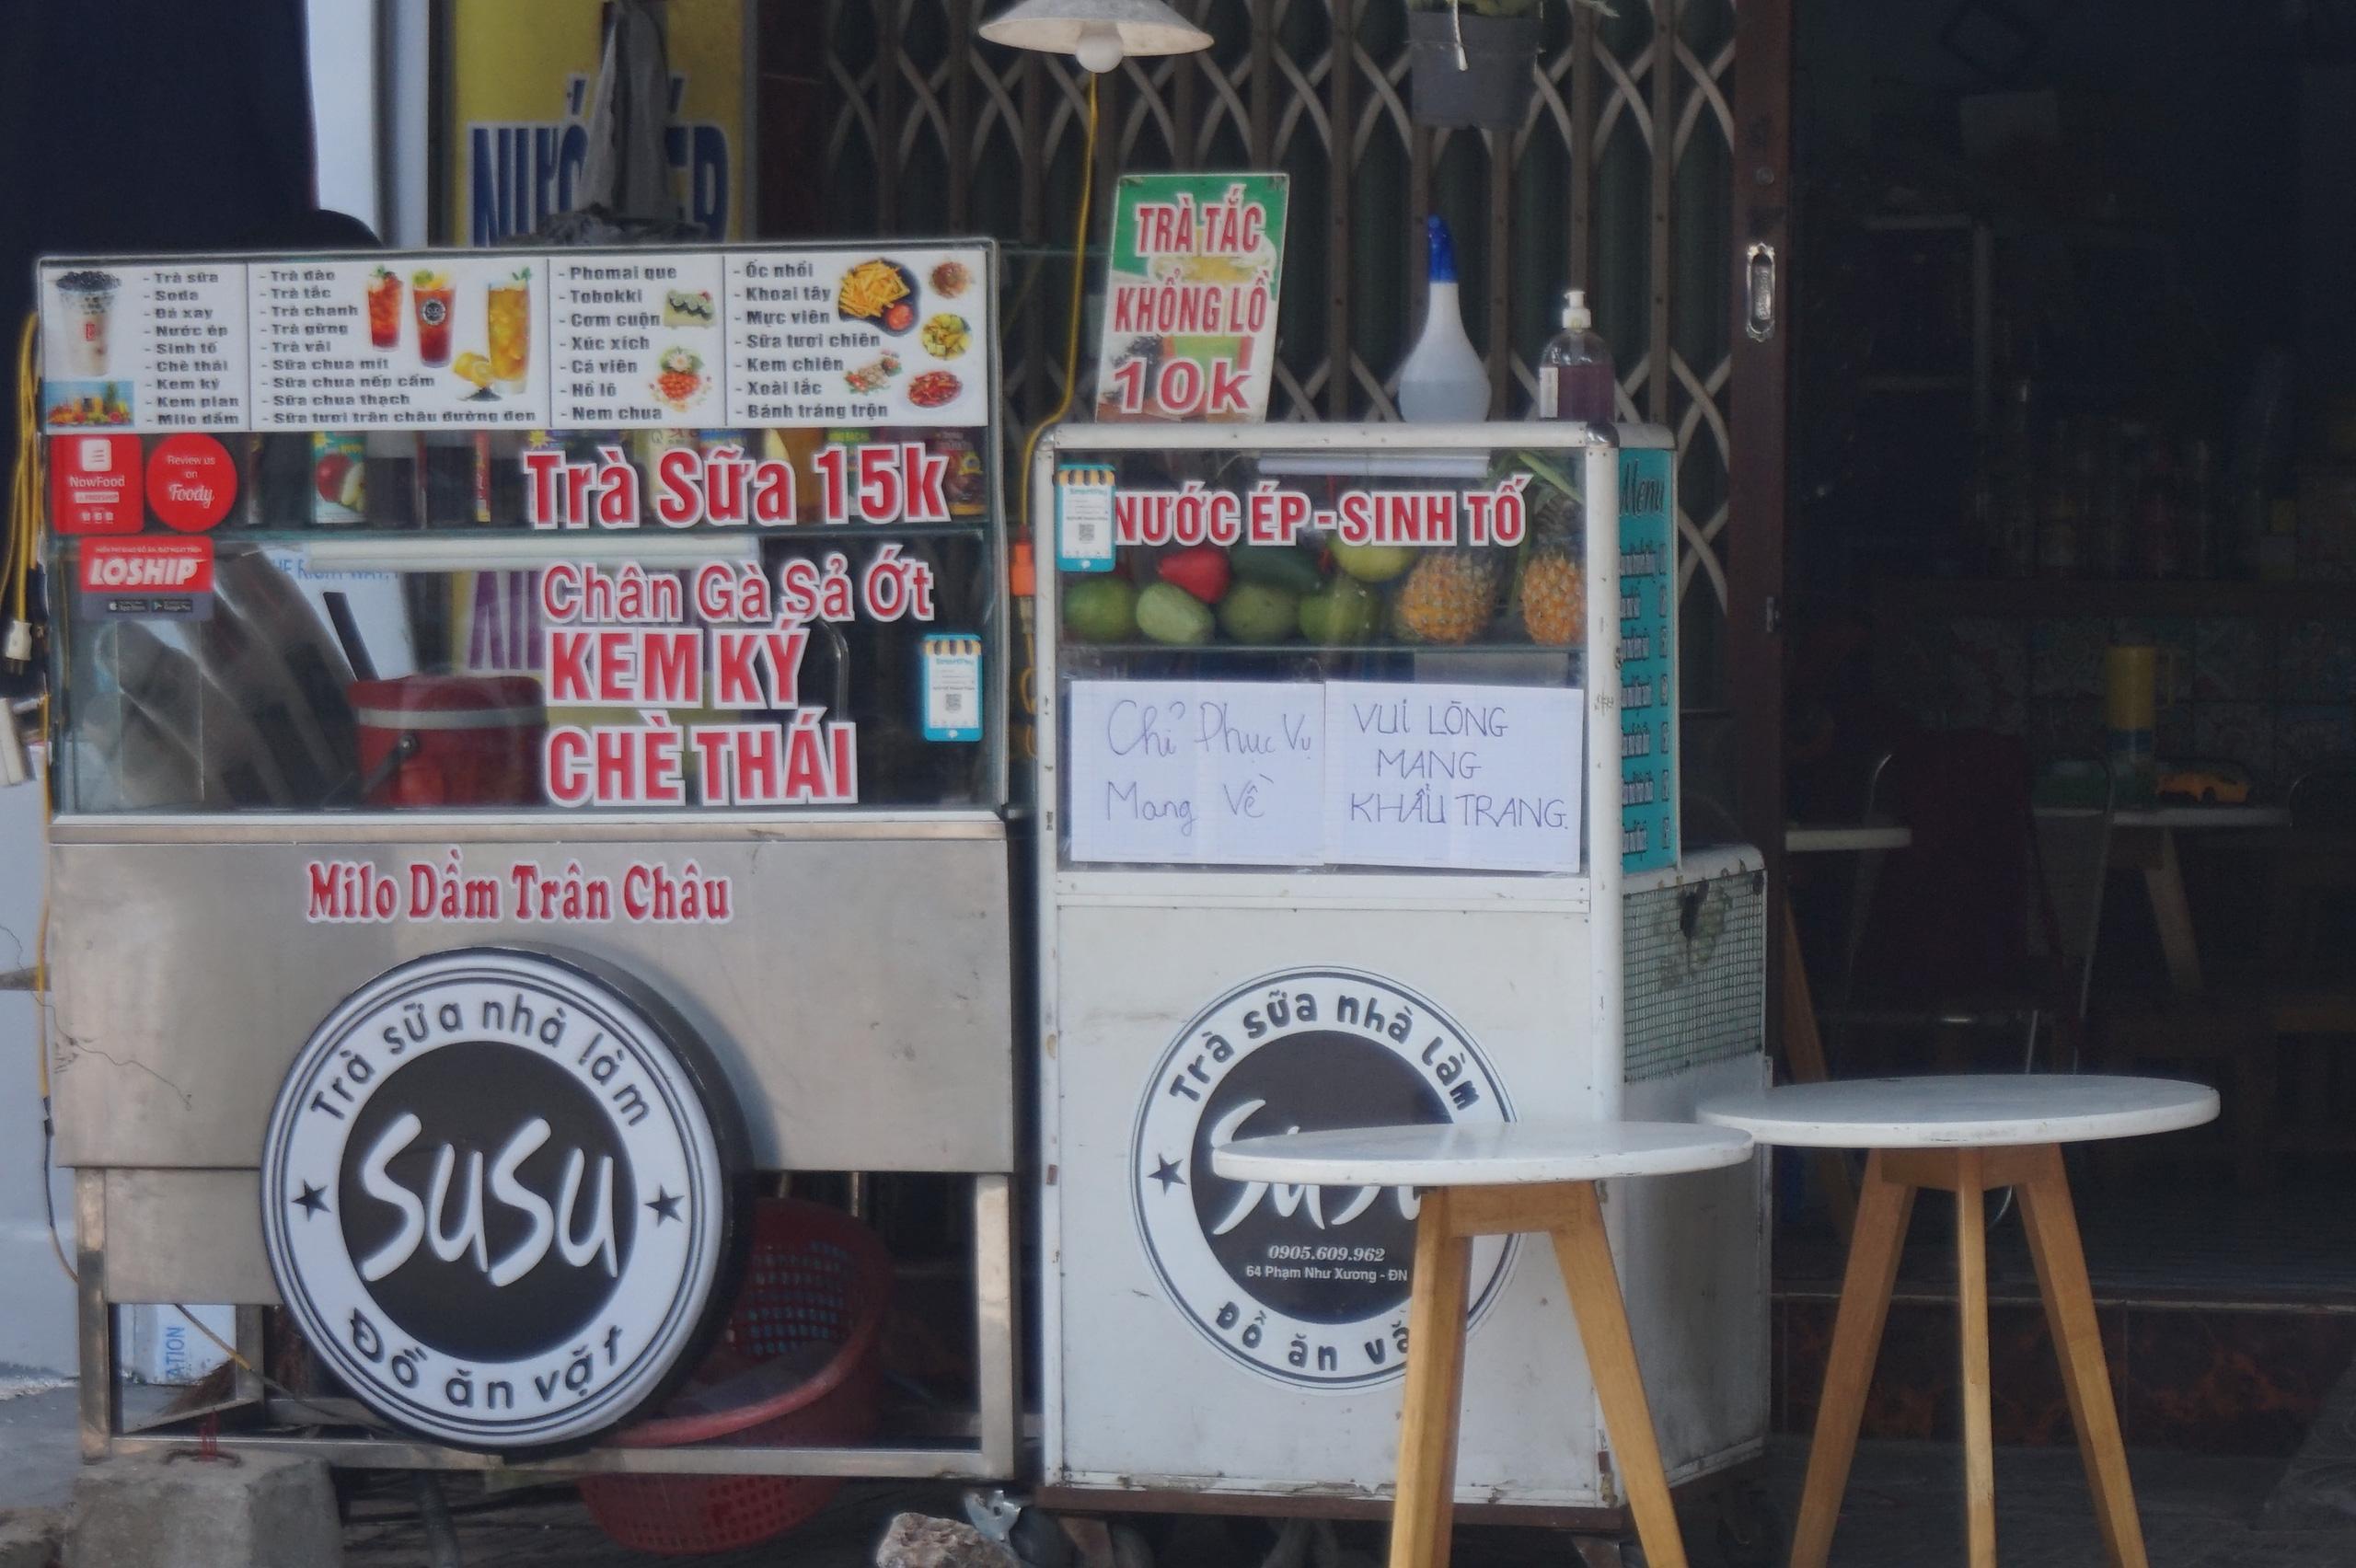 Đà Nẵng: Hàng quán nghiêm chỉnh treo bảng bán mang về, thậm chí đóng cửa để phòng chống dịch Covid-19 - Ảnh 7.